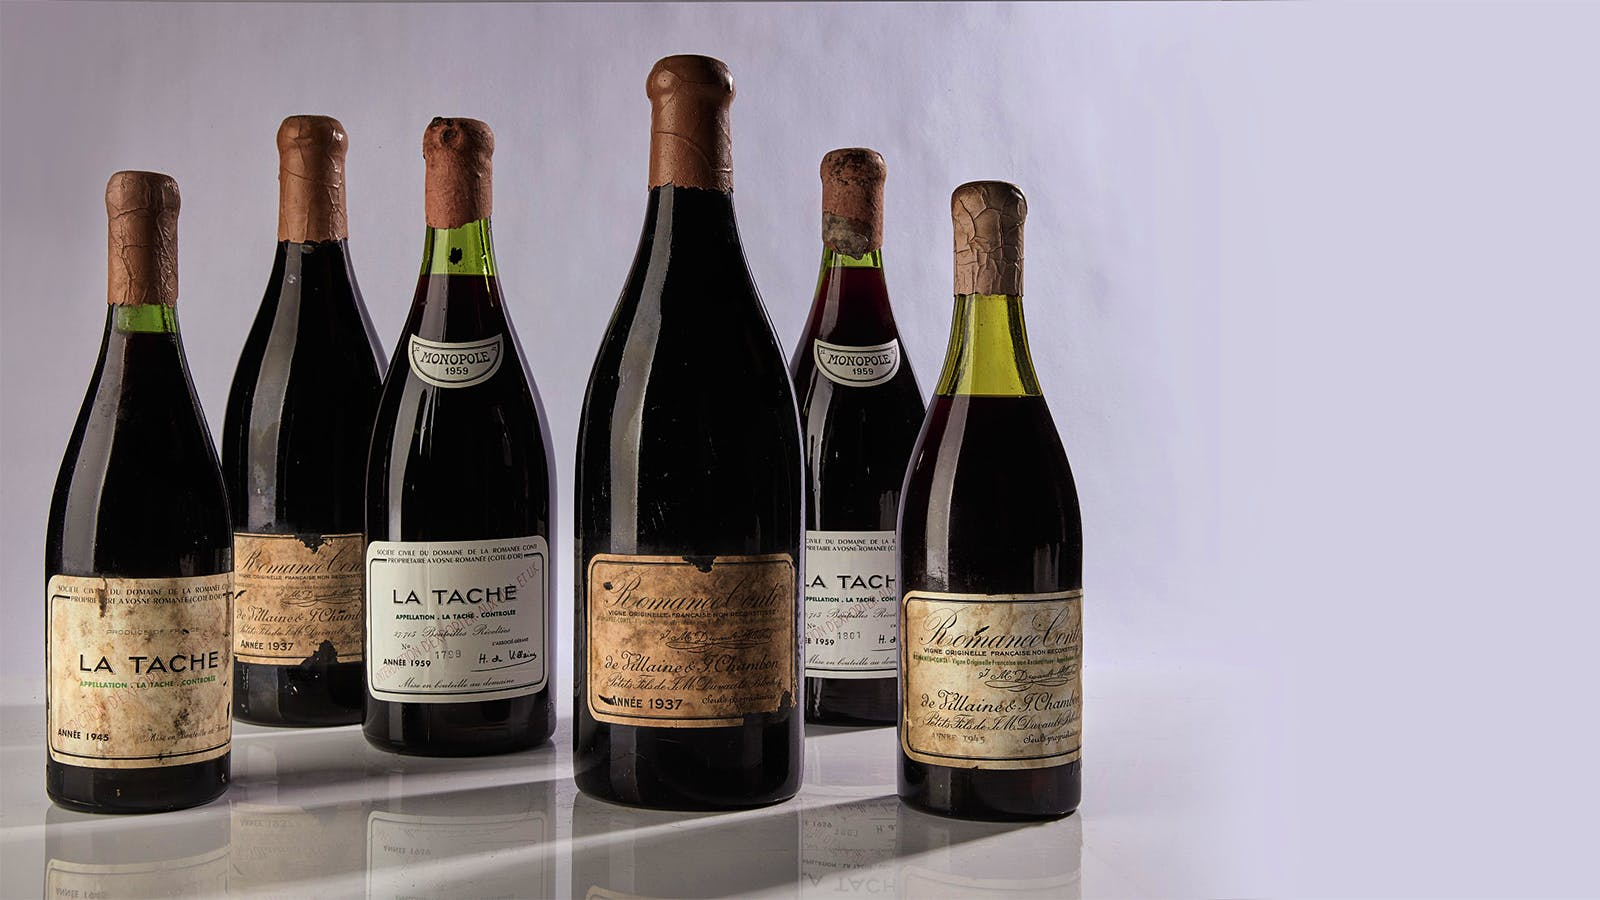 DRC 1945 Sets Auction Record